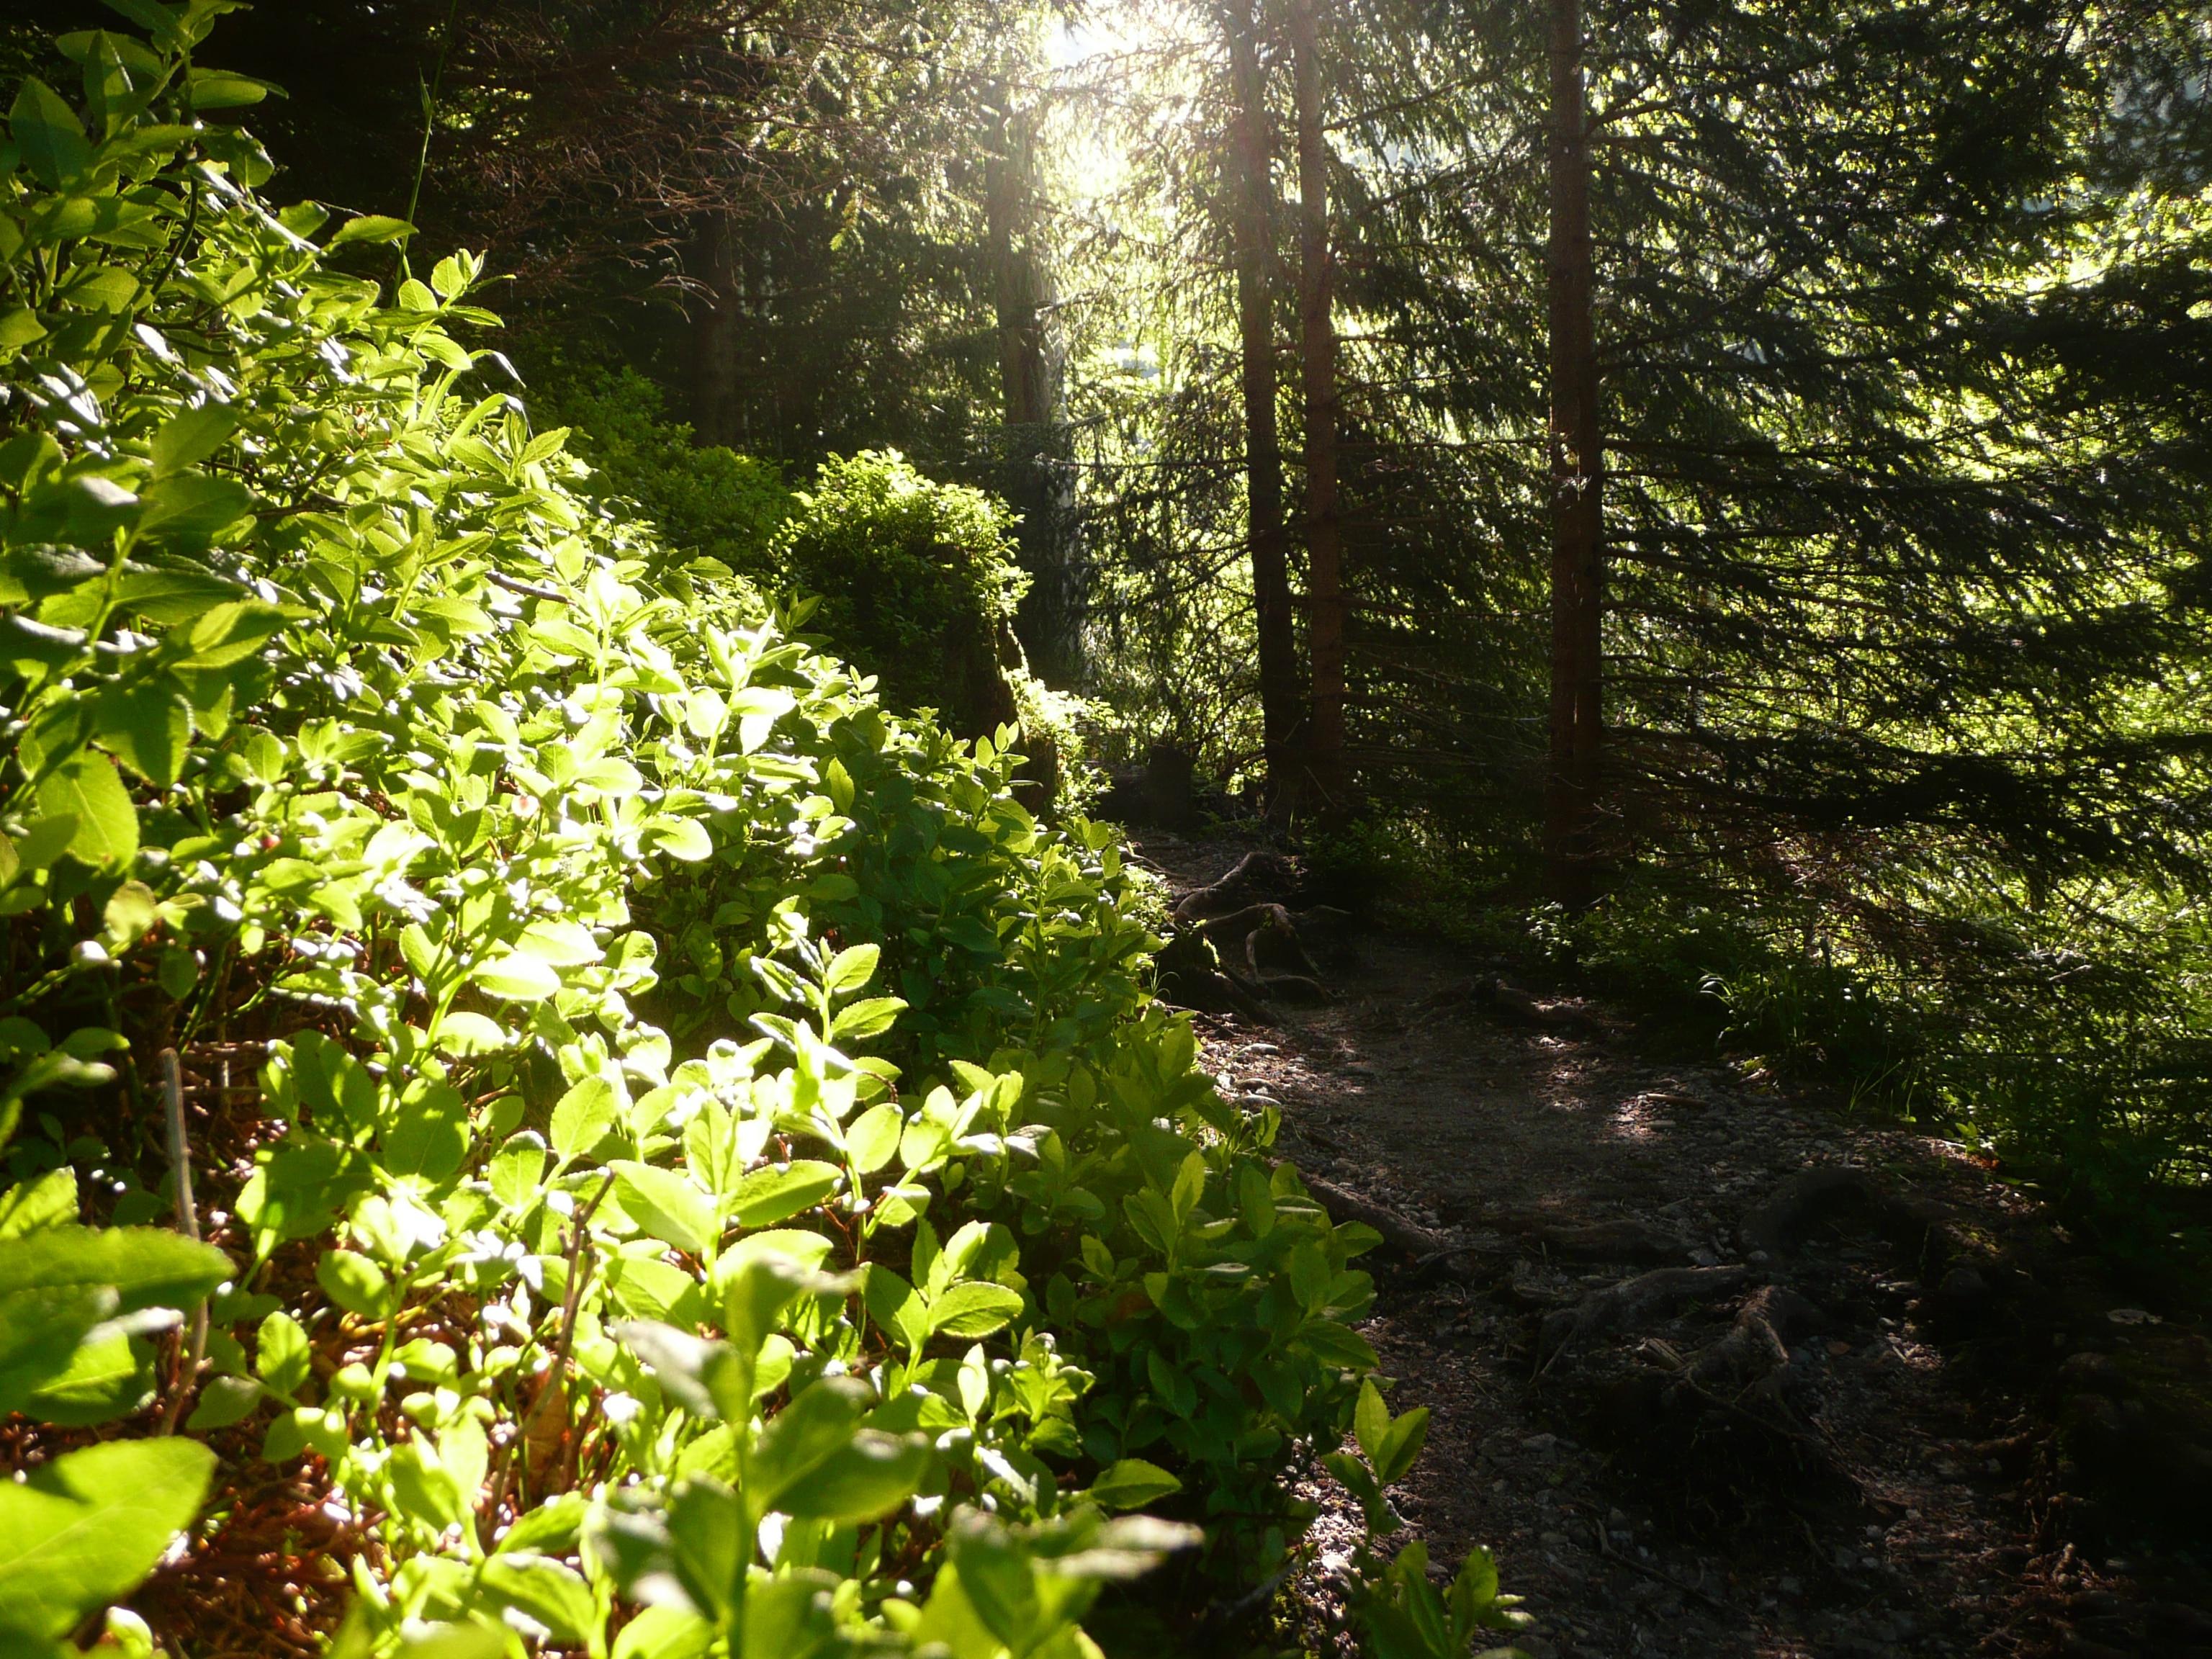 Klettersteig Am Ettaler Mandl : Ettaler mandl klettersteig: bergwanderung auf das